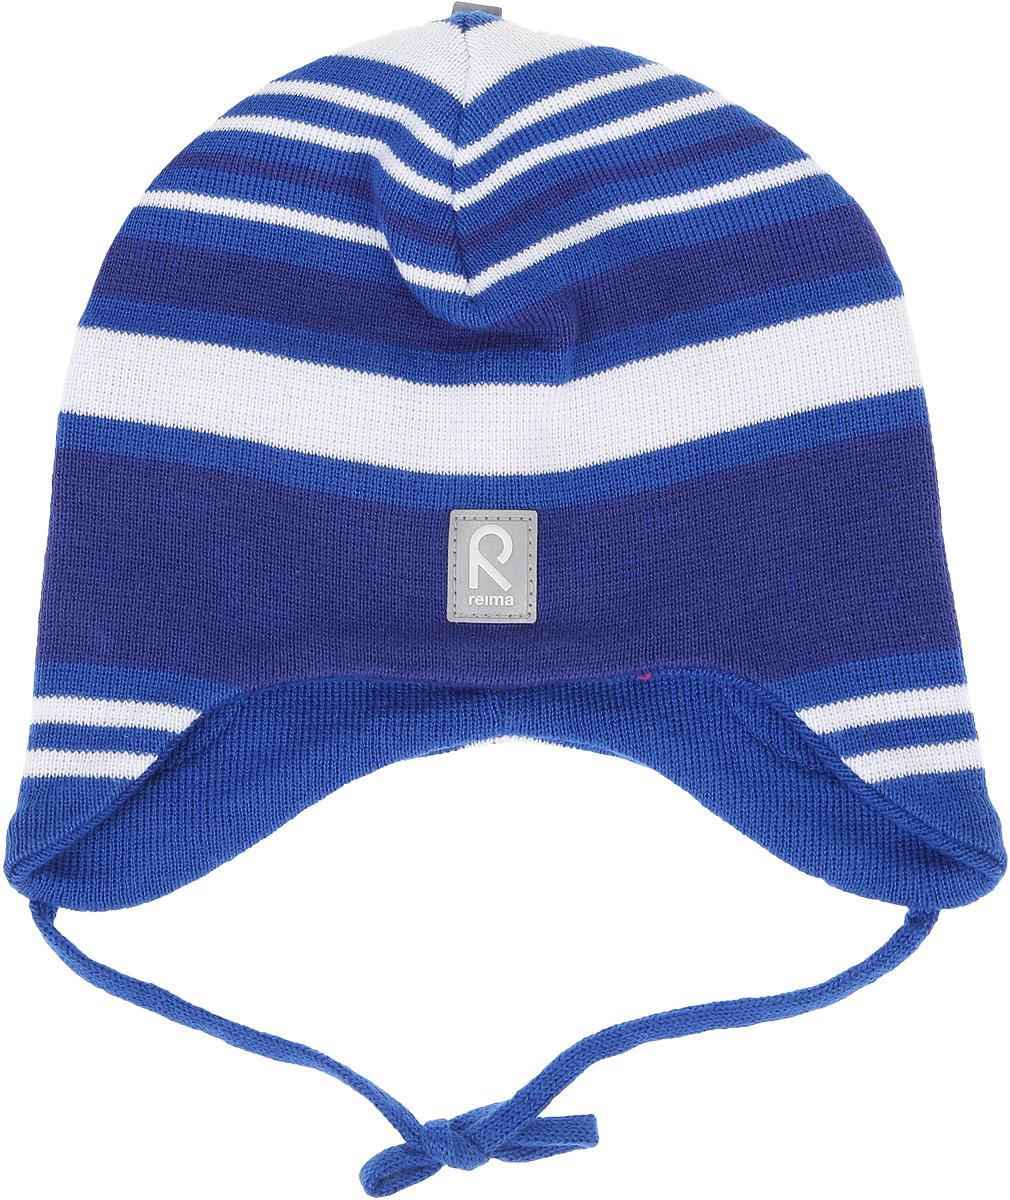 Шапка детская Reima Aqueous, цвет: синий, белый. 518393A. Размер 50518393AВязаная шапочка для малышей подходит на все случаи жизни. Благодаря классическому дизайну, она отлично сочетается с различными вариантами одежды. Полуподкладка из хлопчатобумажного трикотажа гарантирует тепло, а ветронепроницаемые вставки между верхним слоем и подкладкой защищают уши. Осенью рано темнеет, поэтому светоотражающие детали обеспечат дополнительную безопасность.